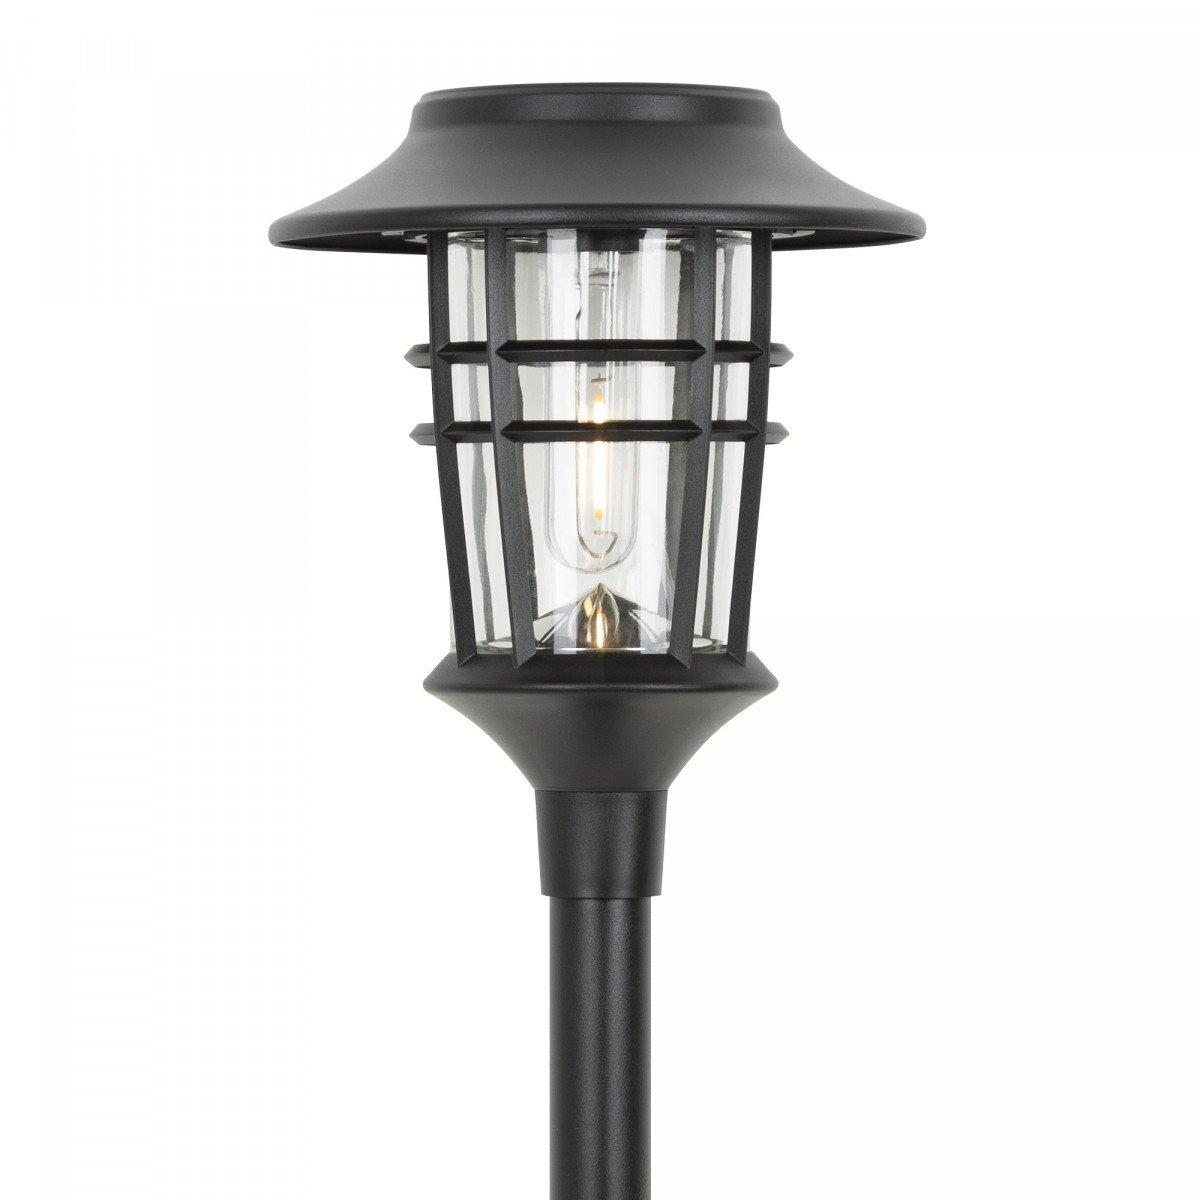 Fakkel zwart op zonne energie, sfeerverlichting voor buiten, LED solar fakkel Zwart Del Sol, Nostalux solar buitenlamp